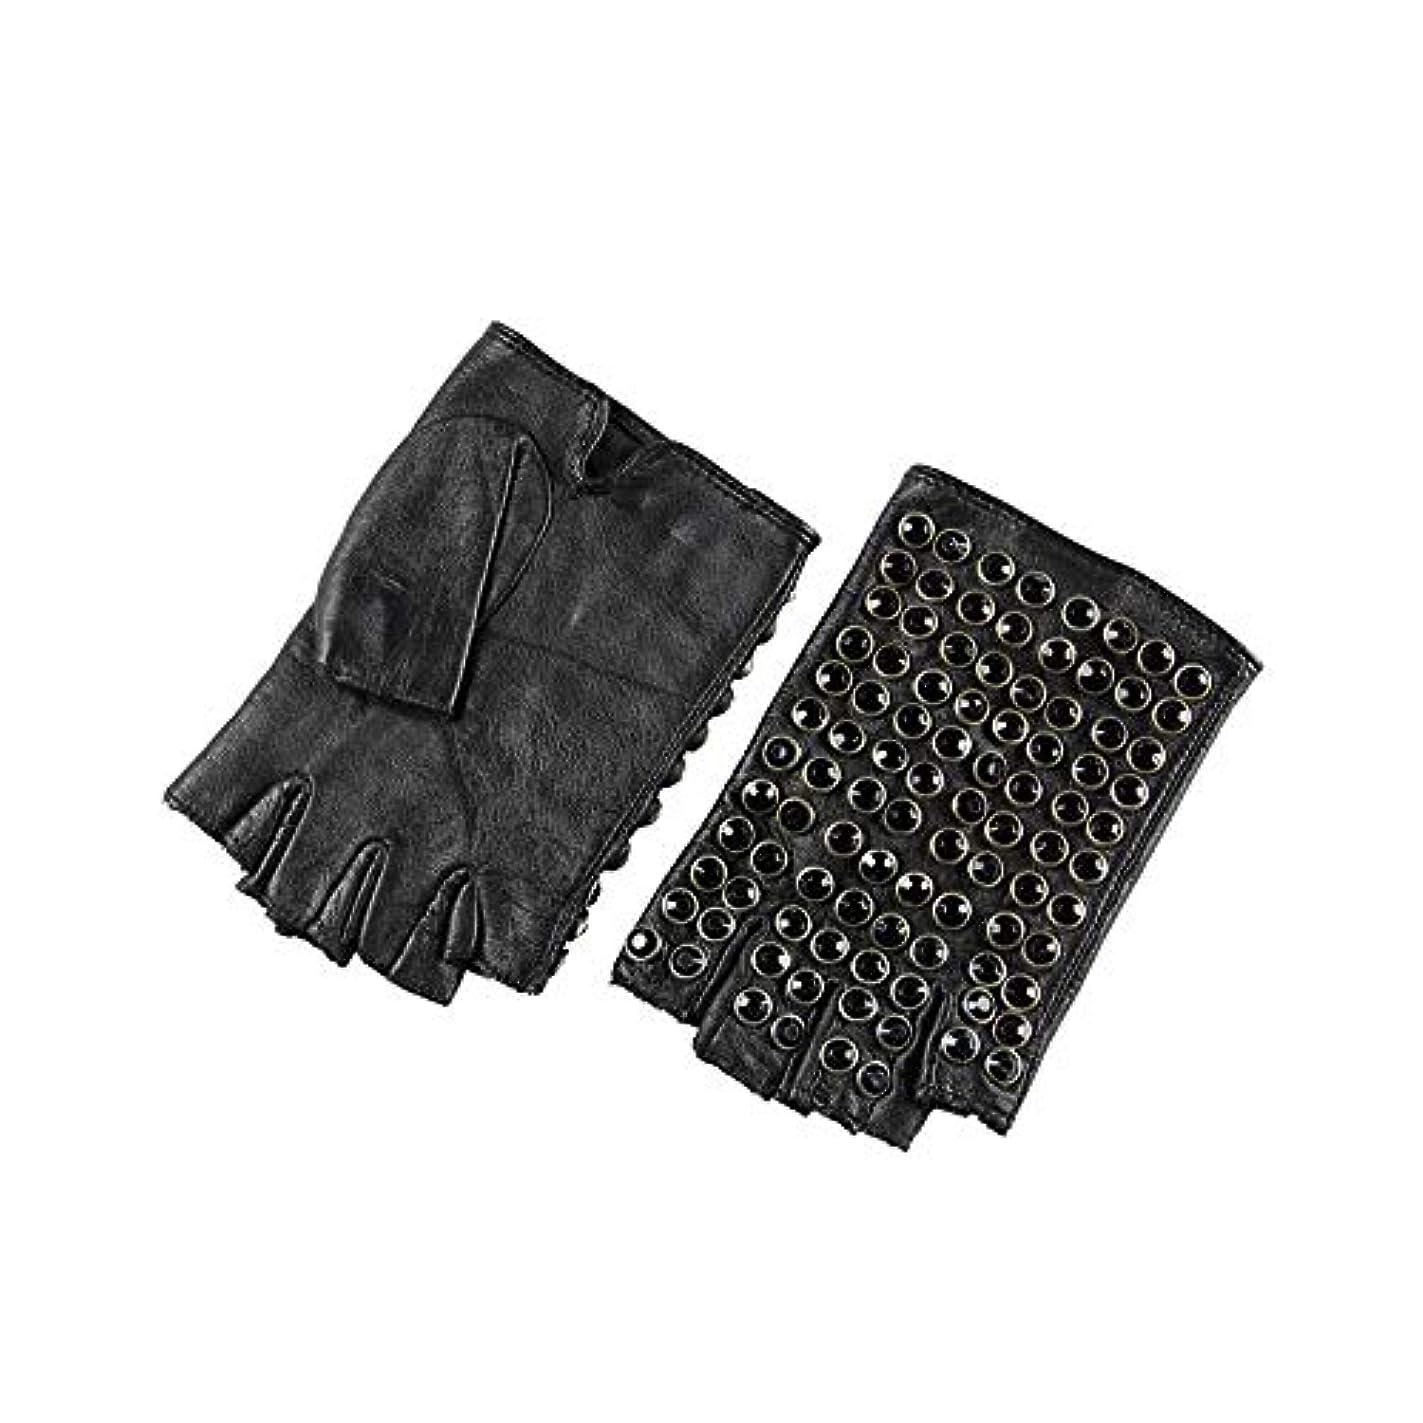 匿名マエストロ説明するBAJIMI 手袋 グローブ レディース/メンズ ハンド ケア ファッション女性の革の手袋ハーフフィンガーパンクドライビンググローブ 裏起毛 おしゃれ 手触りが良い 運転 耐磨耗性 換気性